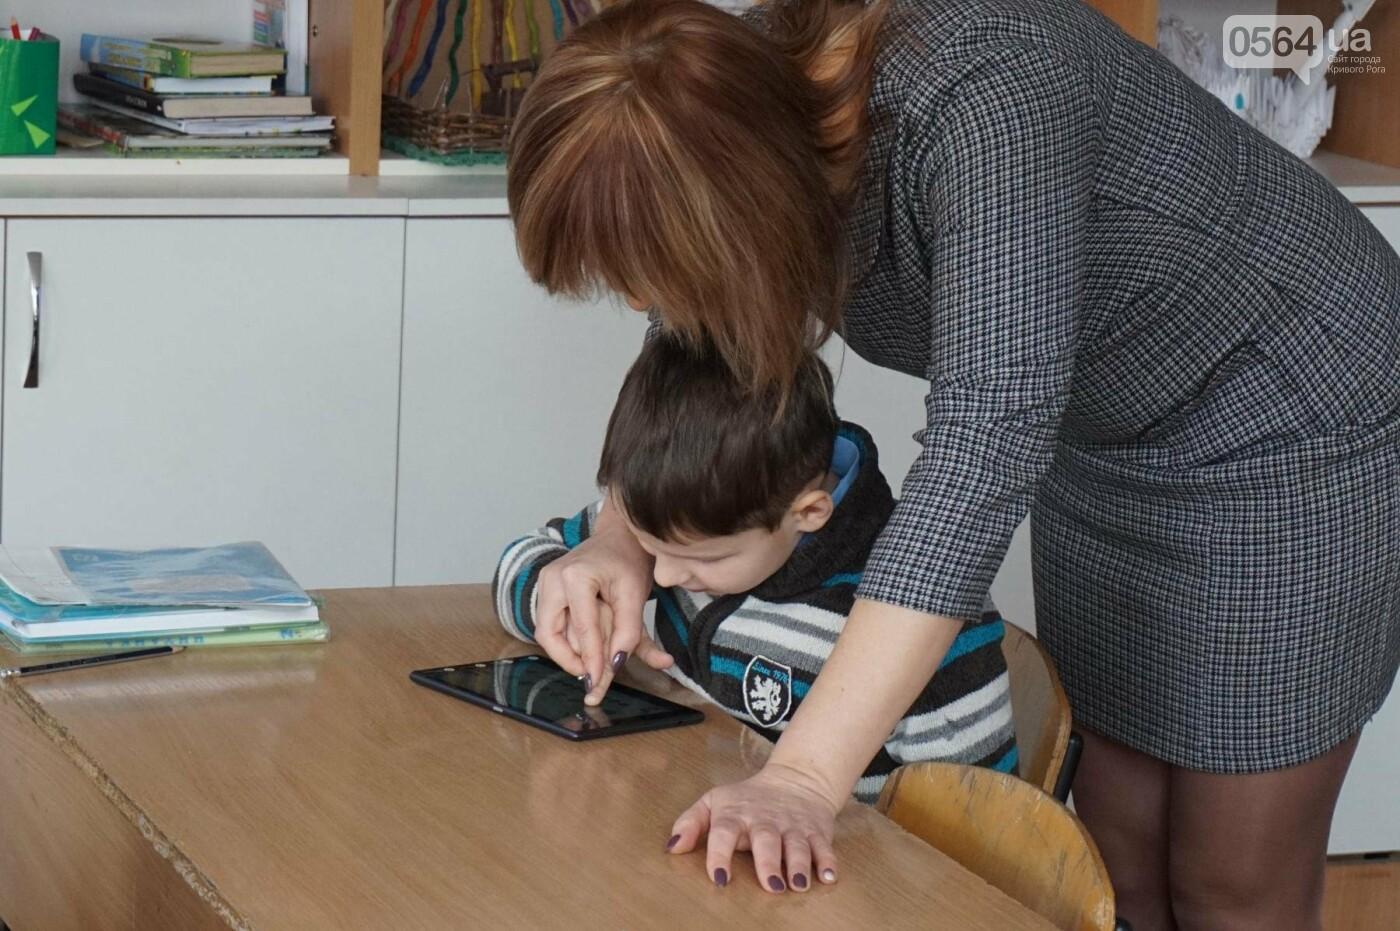 Приближаясь к Европе: Как в школах Кривого Рога внедряют инклюзию (ФОТО), фото-16